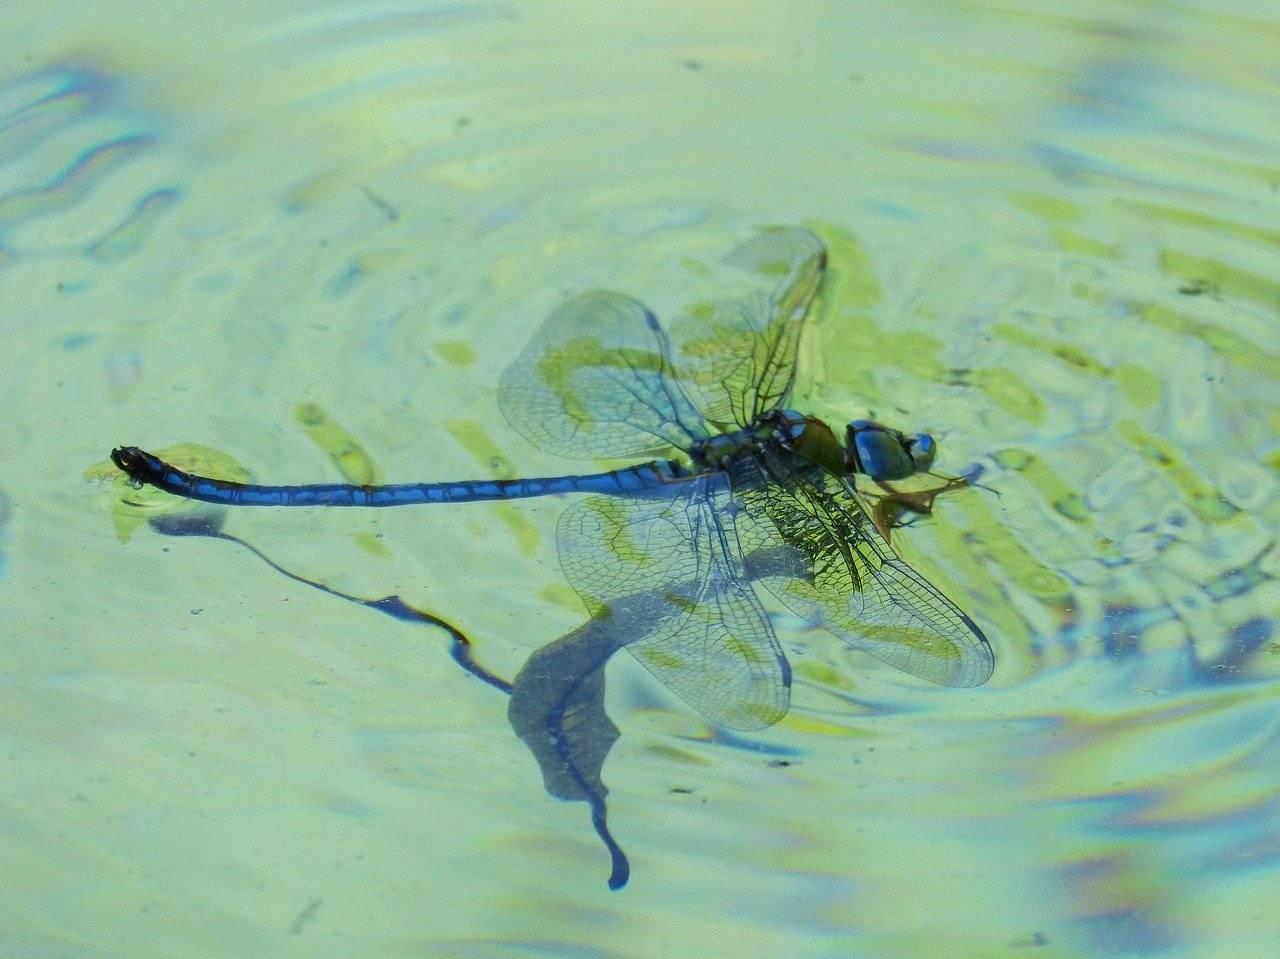 Черная стрекоза: маленькая представительница летающих хищниц